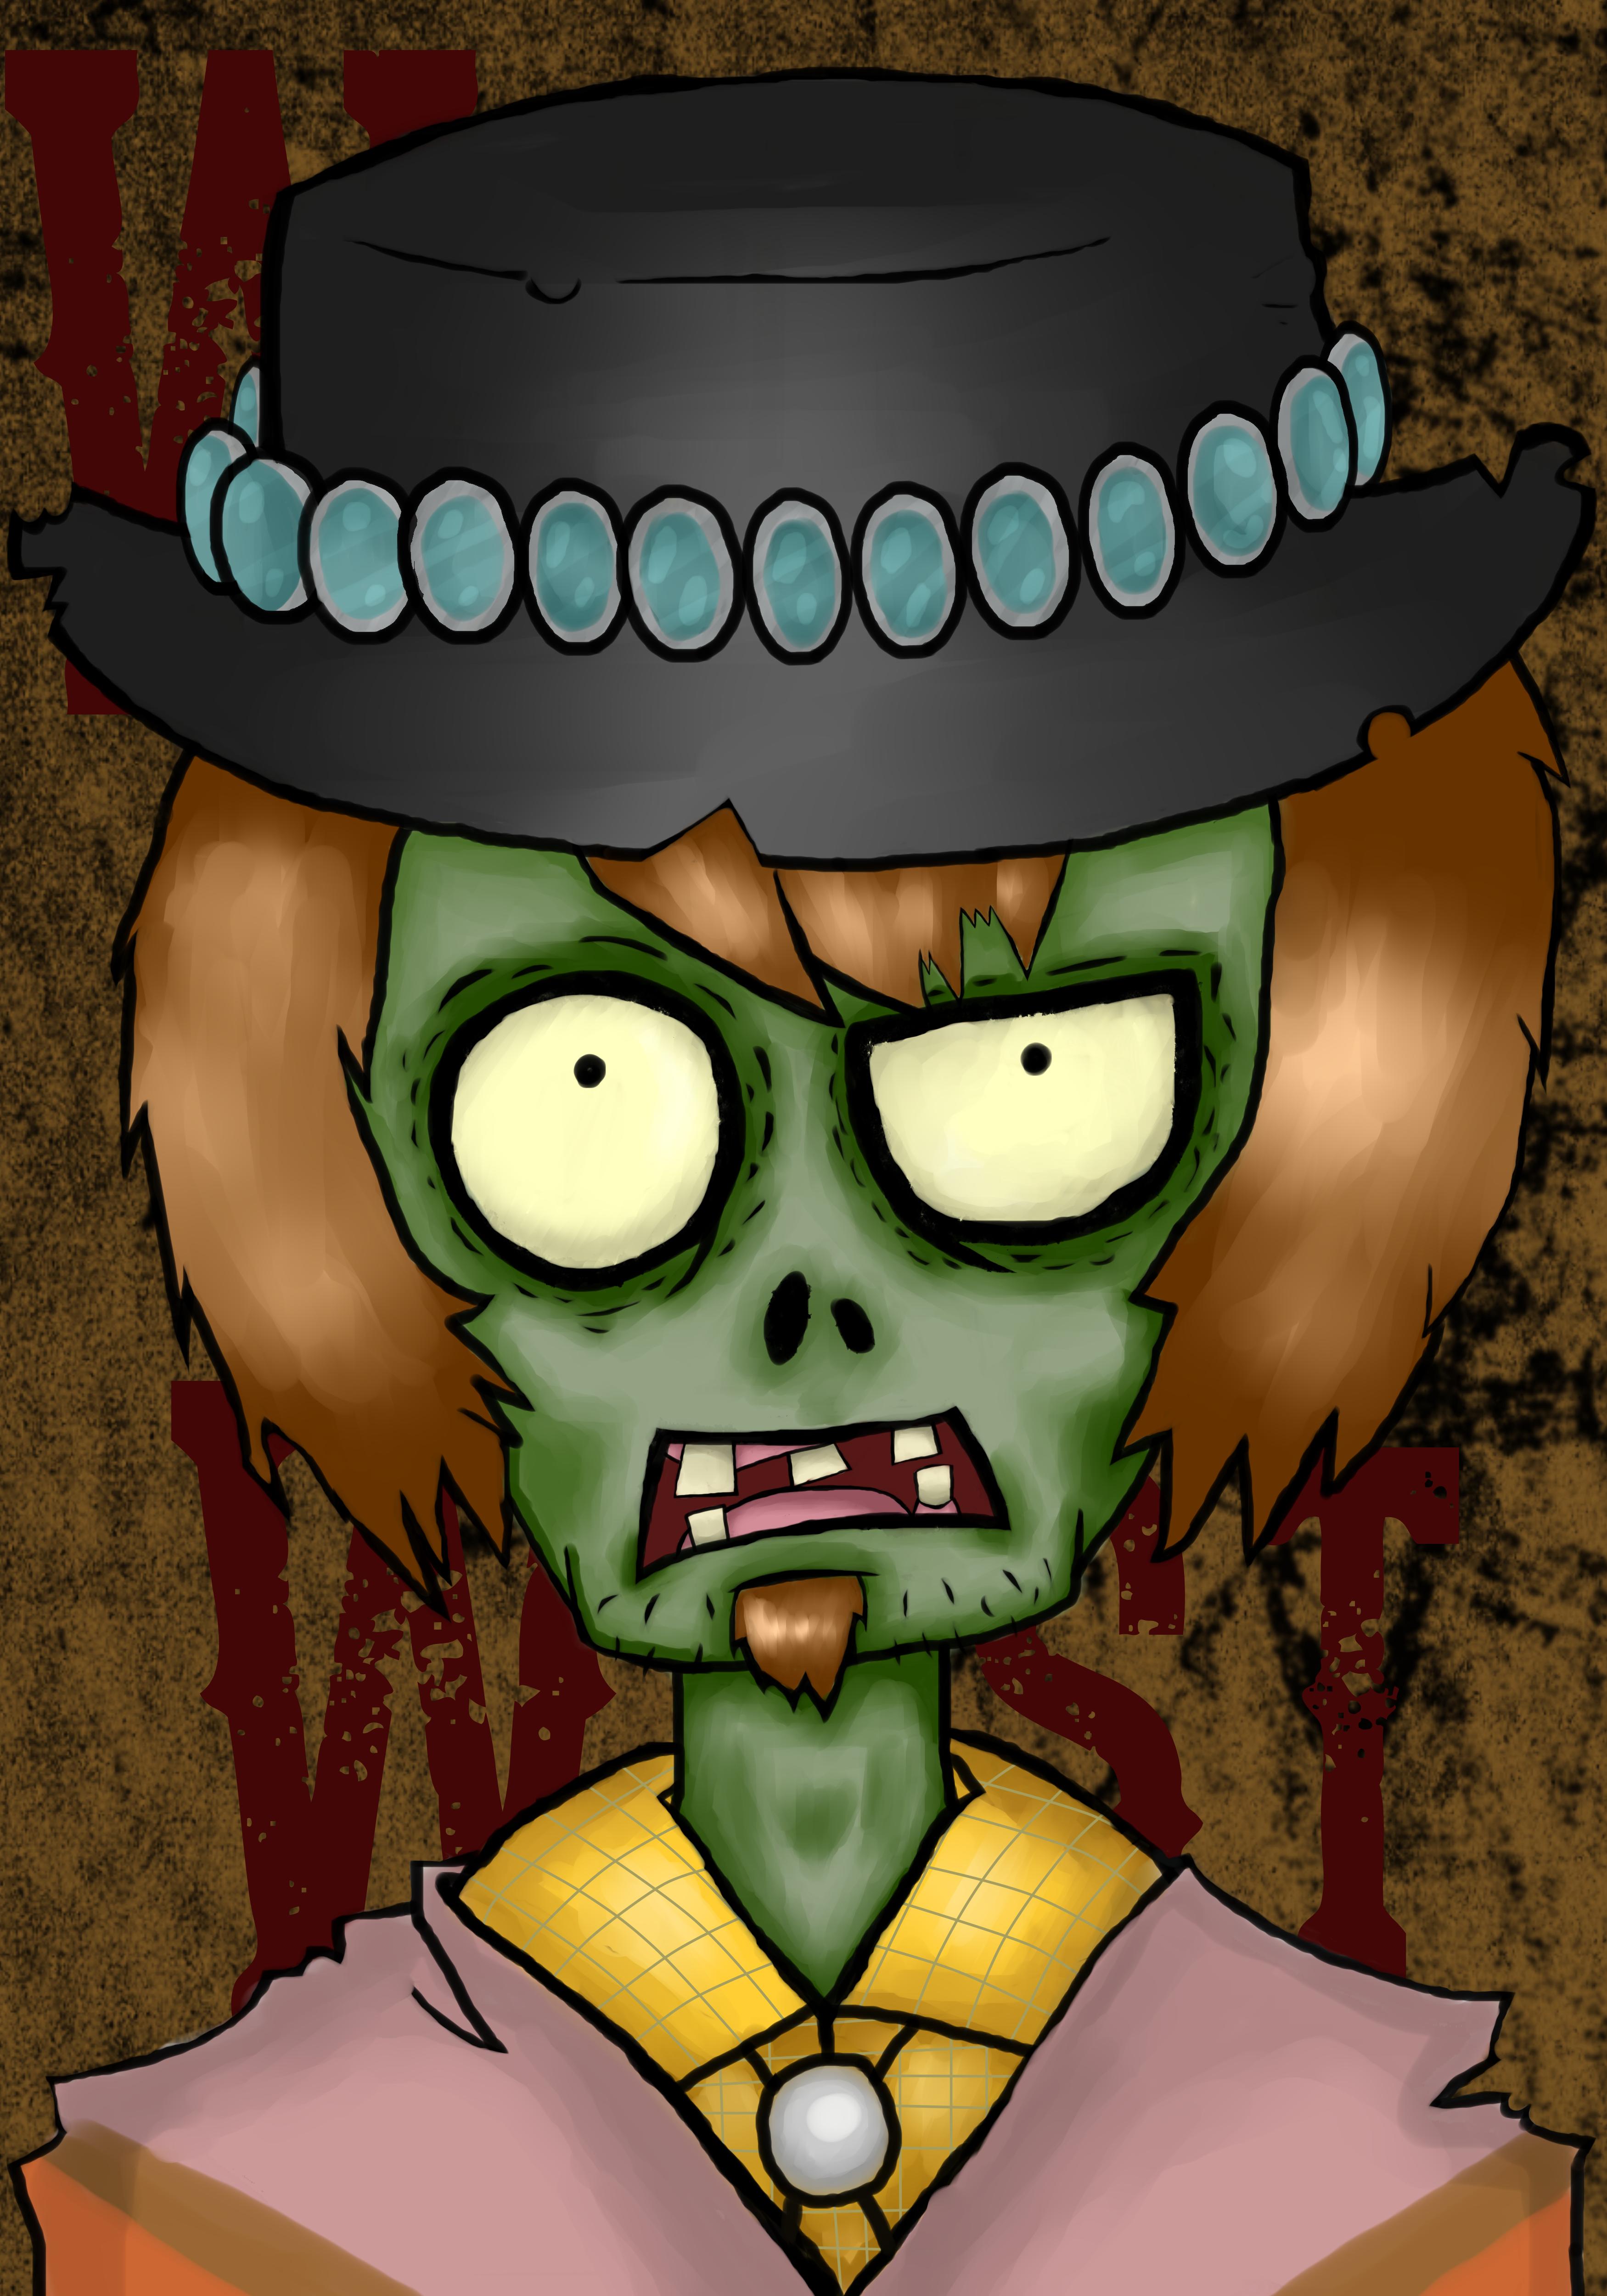 PvZ:The Poncho Zombie by RageShadows3346